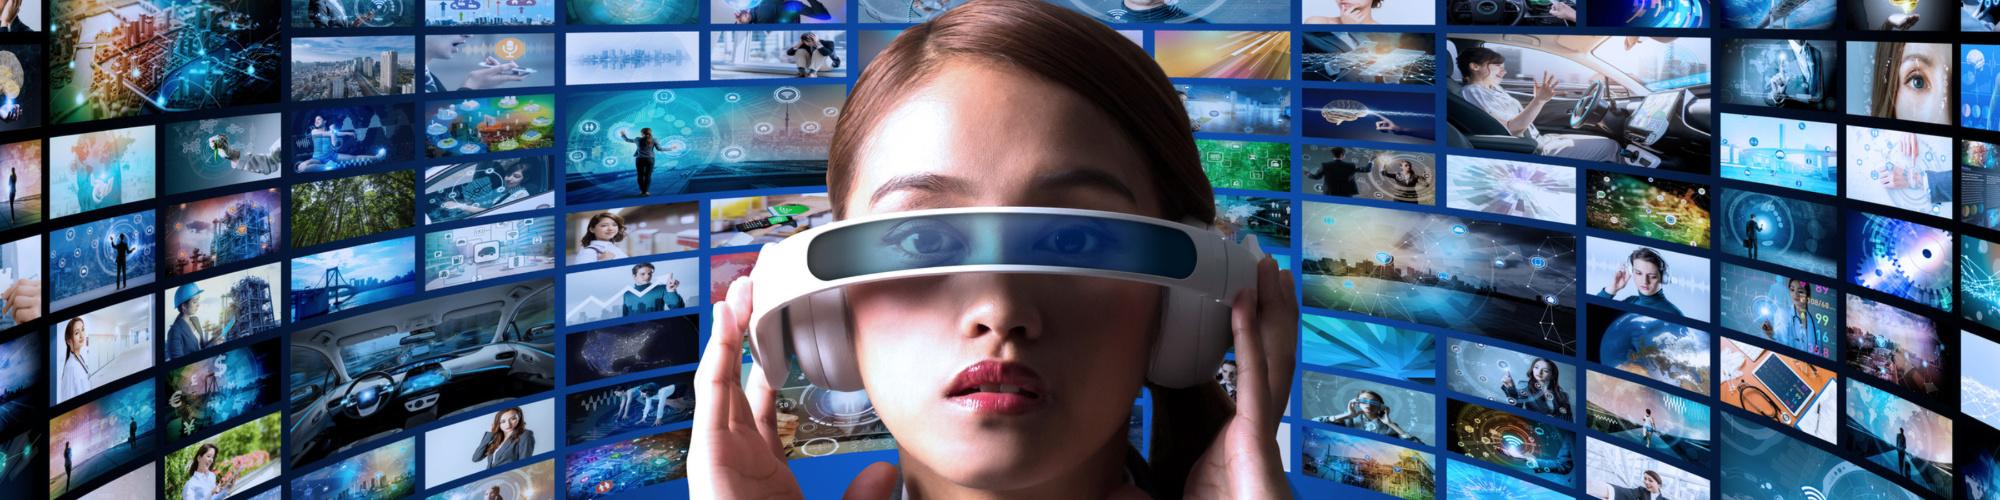 映画・ドラマ・TV番組・アニメを無料で安全に見る方法